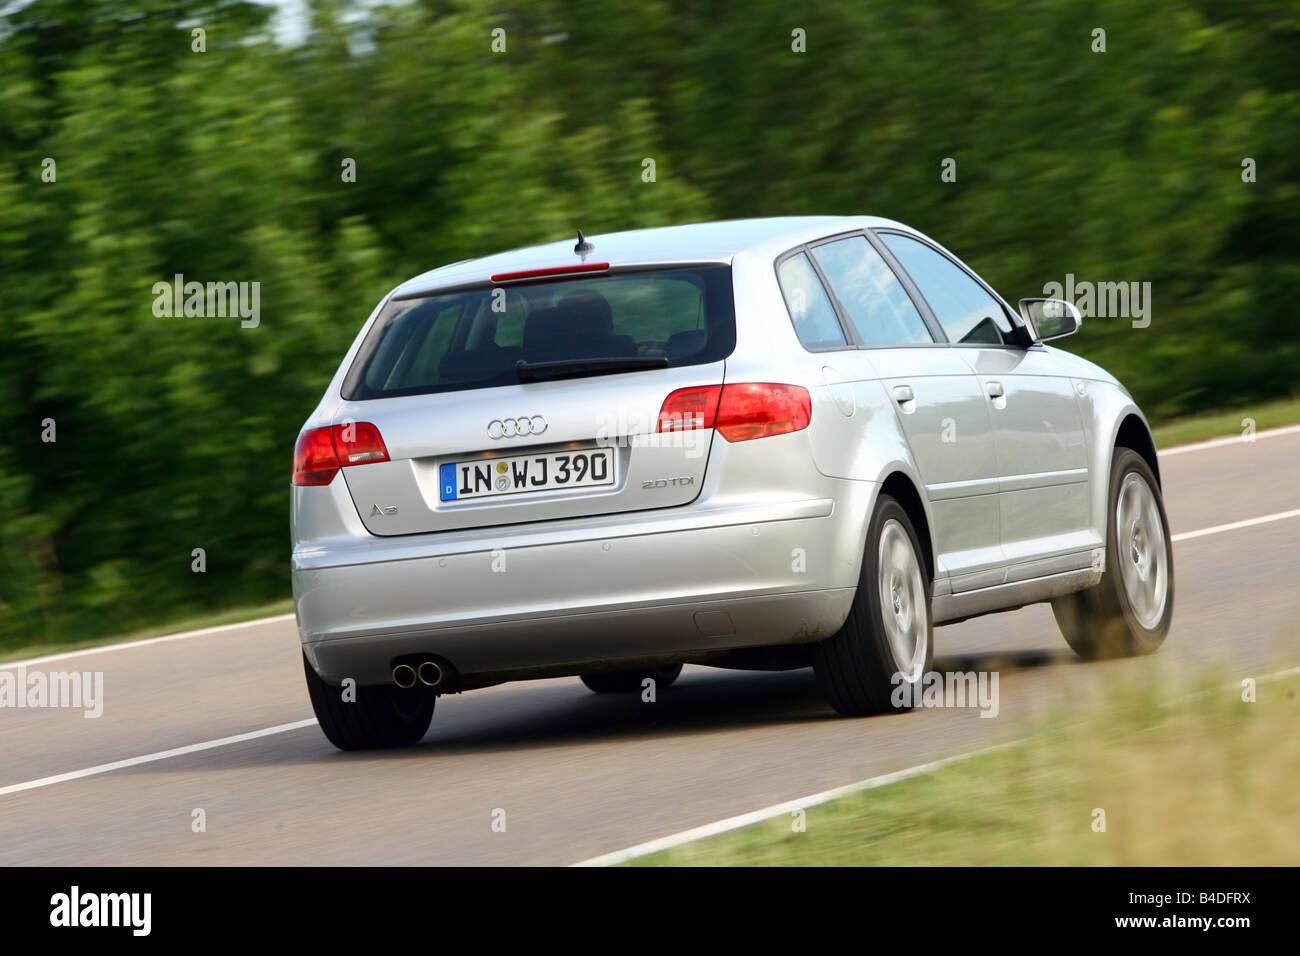 Kelebihan Kekurangan Audi A3 Sportback 2007 Tangguh